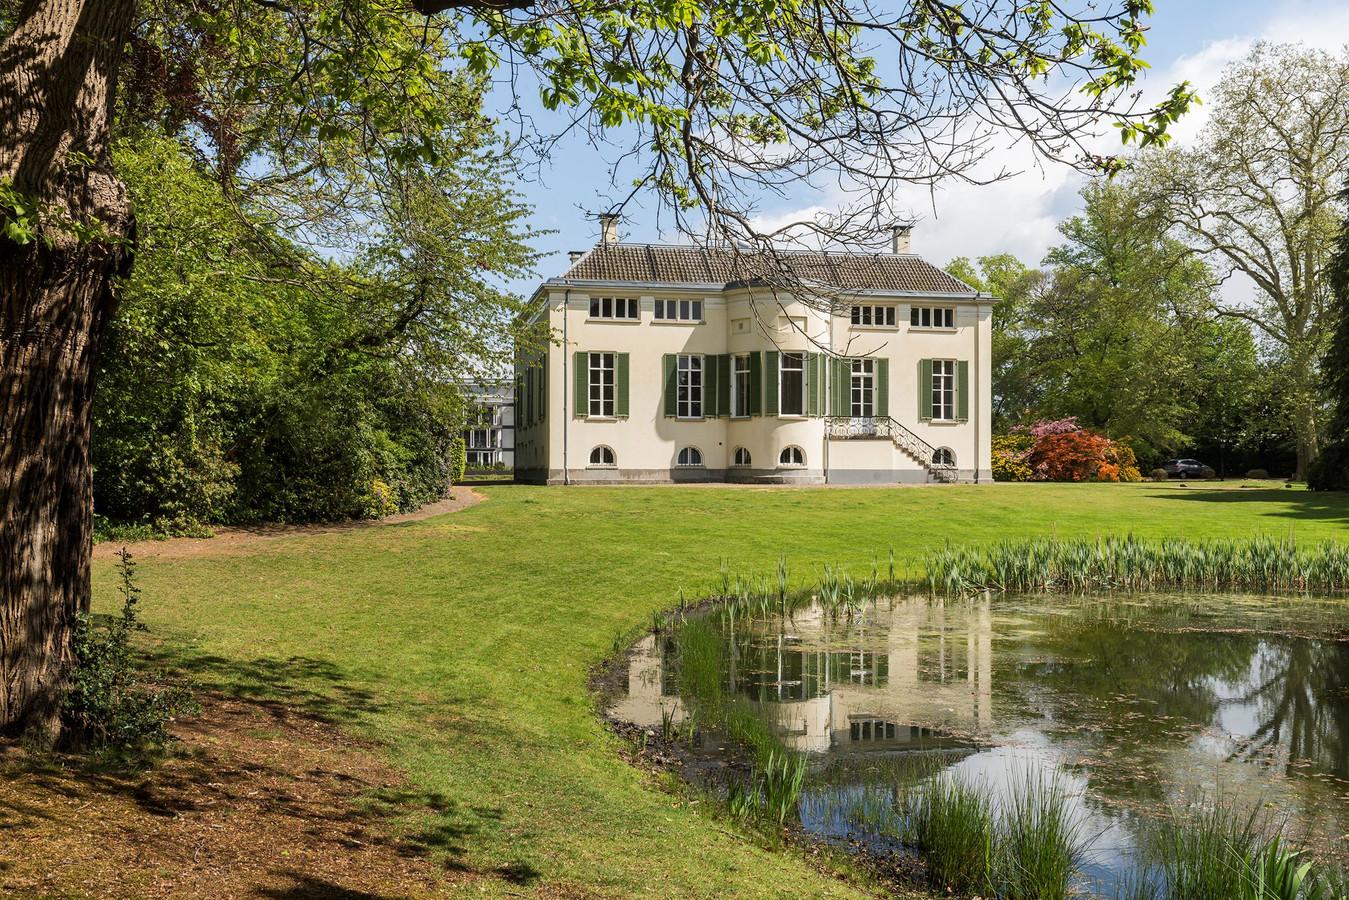 Een villa die voor bijna 2 miljoen te koop staat in Enschede. Ter illustratie.